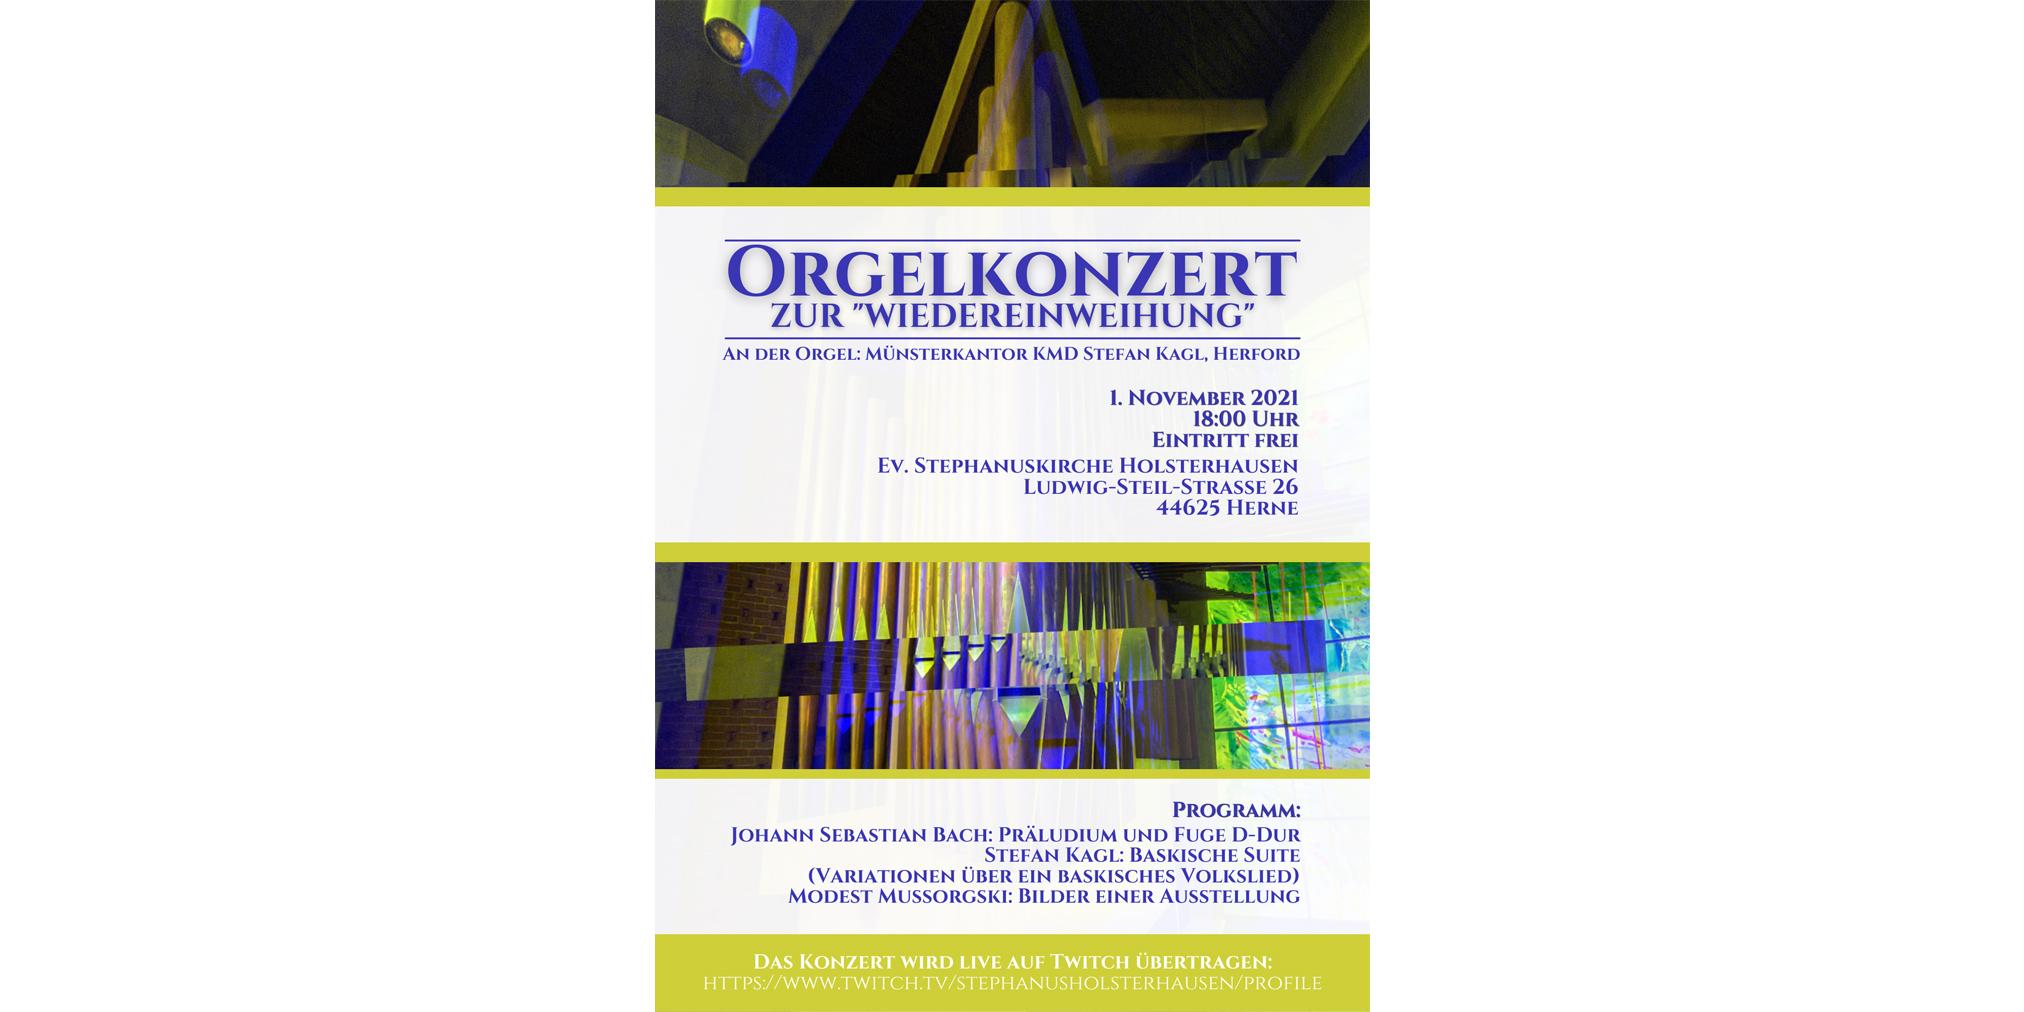 ORGELKONZERT 1. NOVEMBER 2021_Homepage